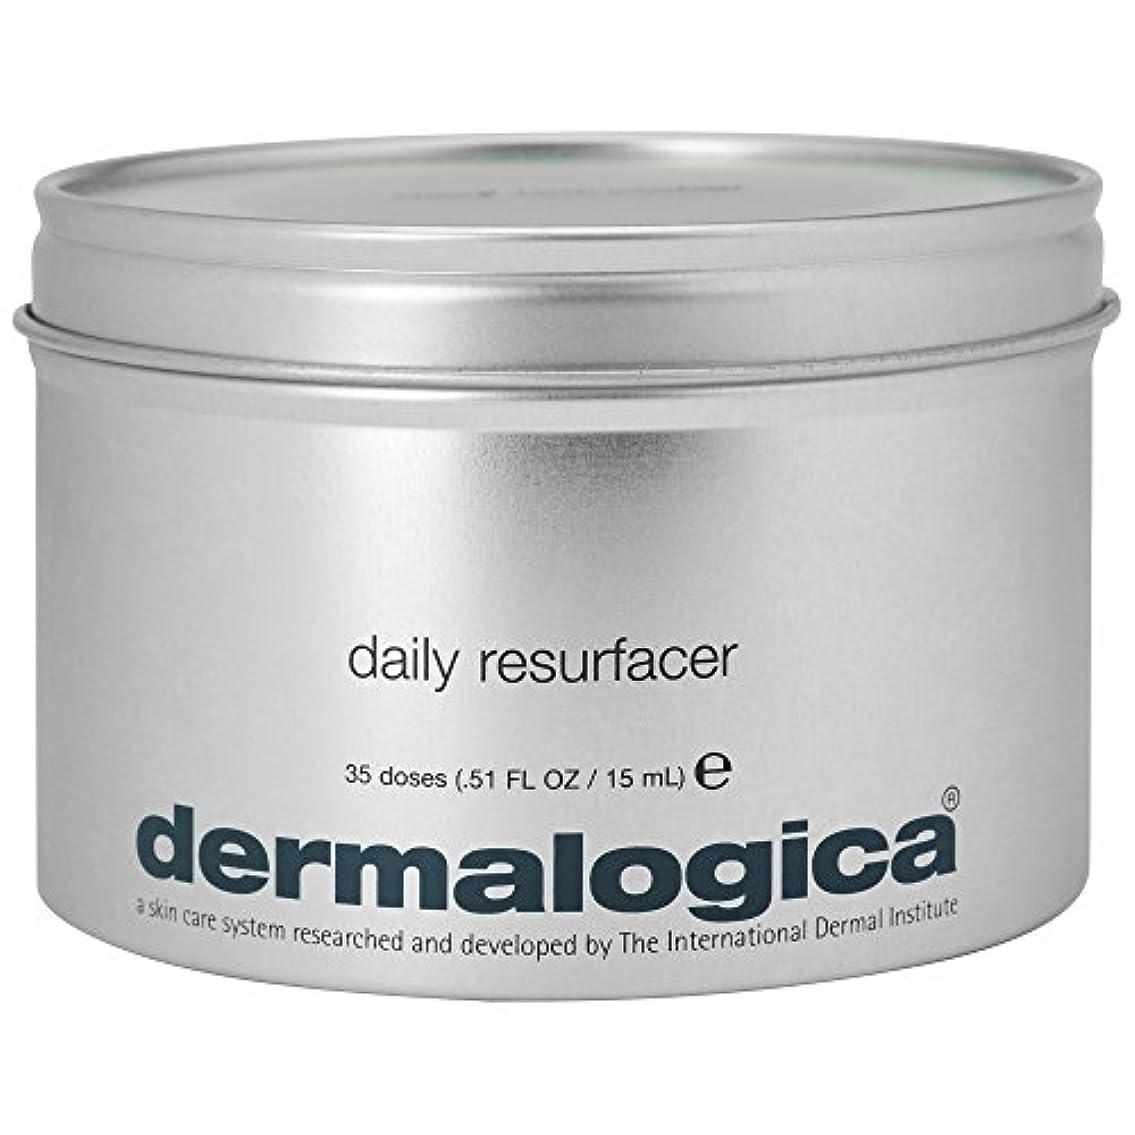 超高層ビルラベンダーボーナス35のダーマロジカ毎日Resurfacerパック (Dermalogica) (x6) - Dermalogica Daily Resurfacer Pack of 35 (Pack of 6) [並行輸入品]